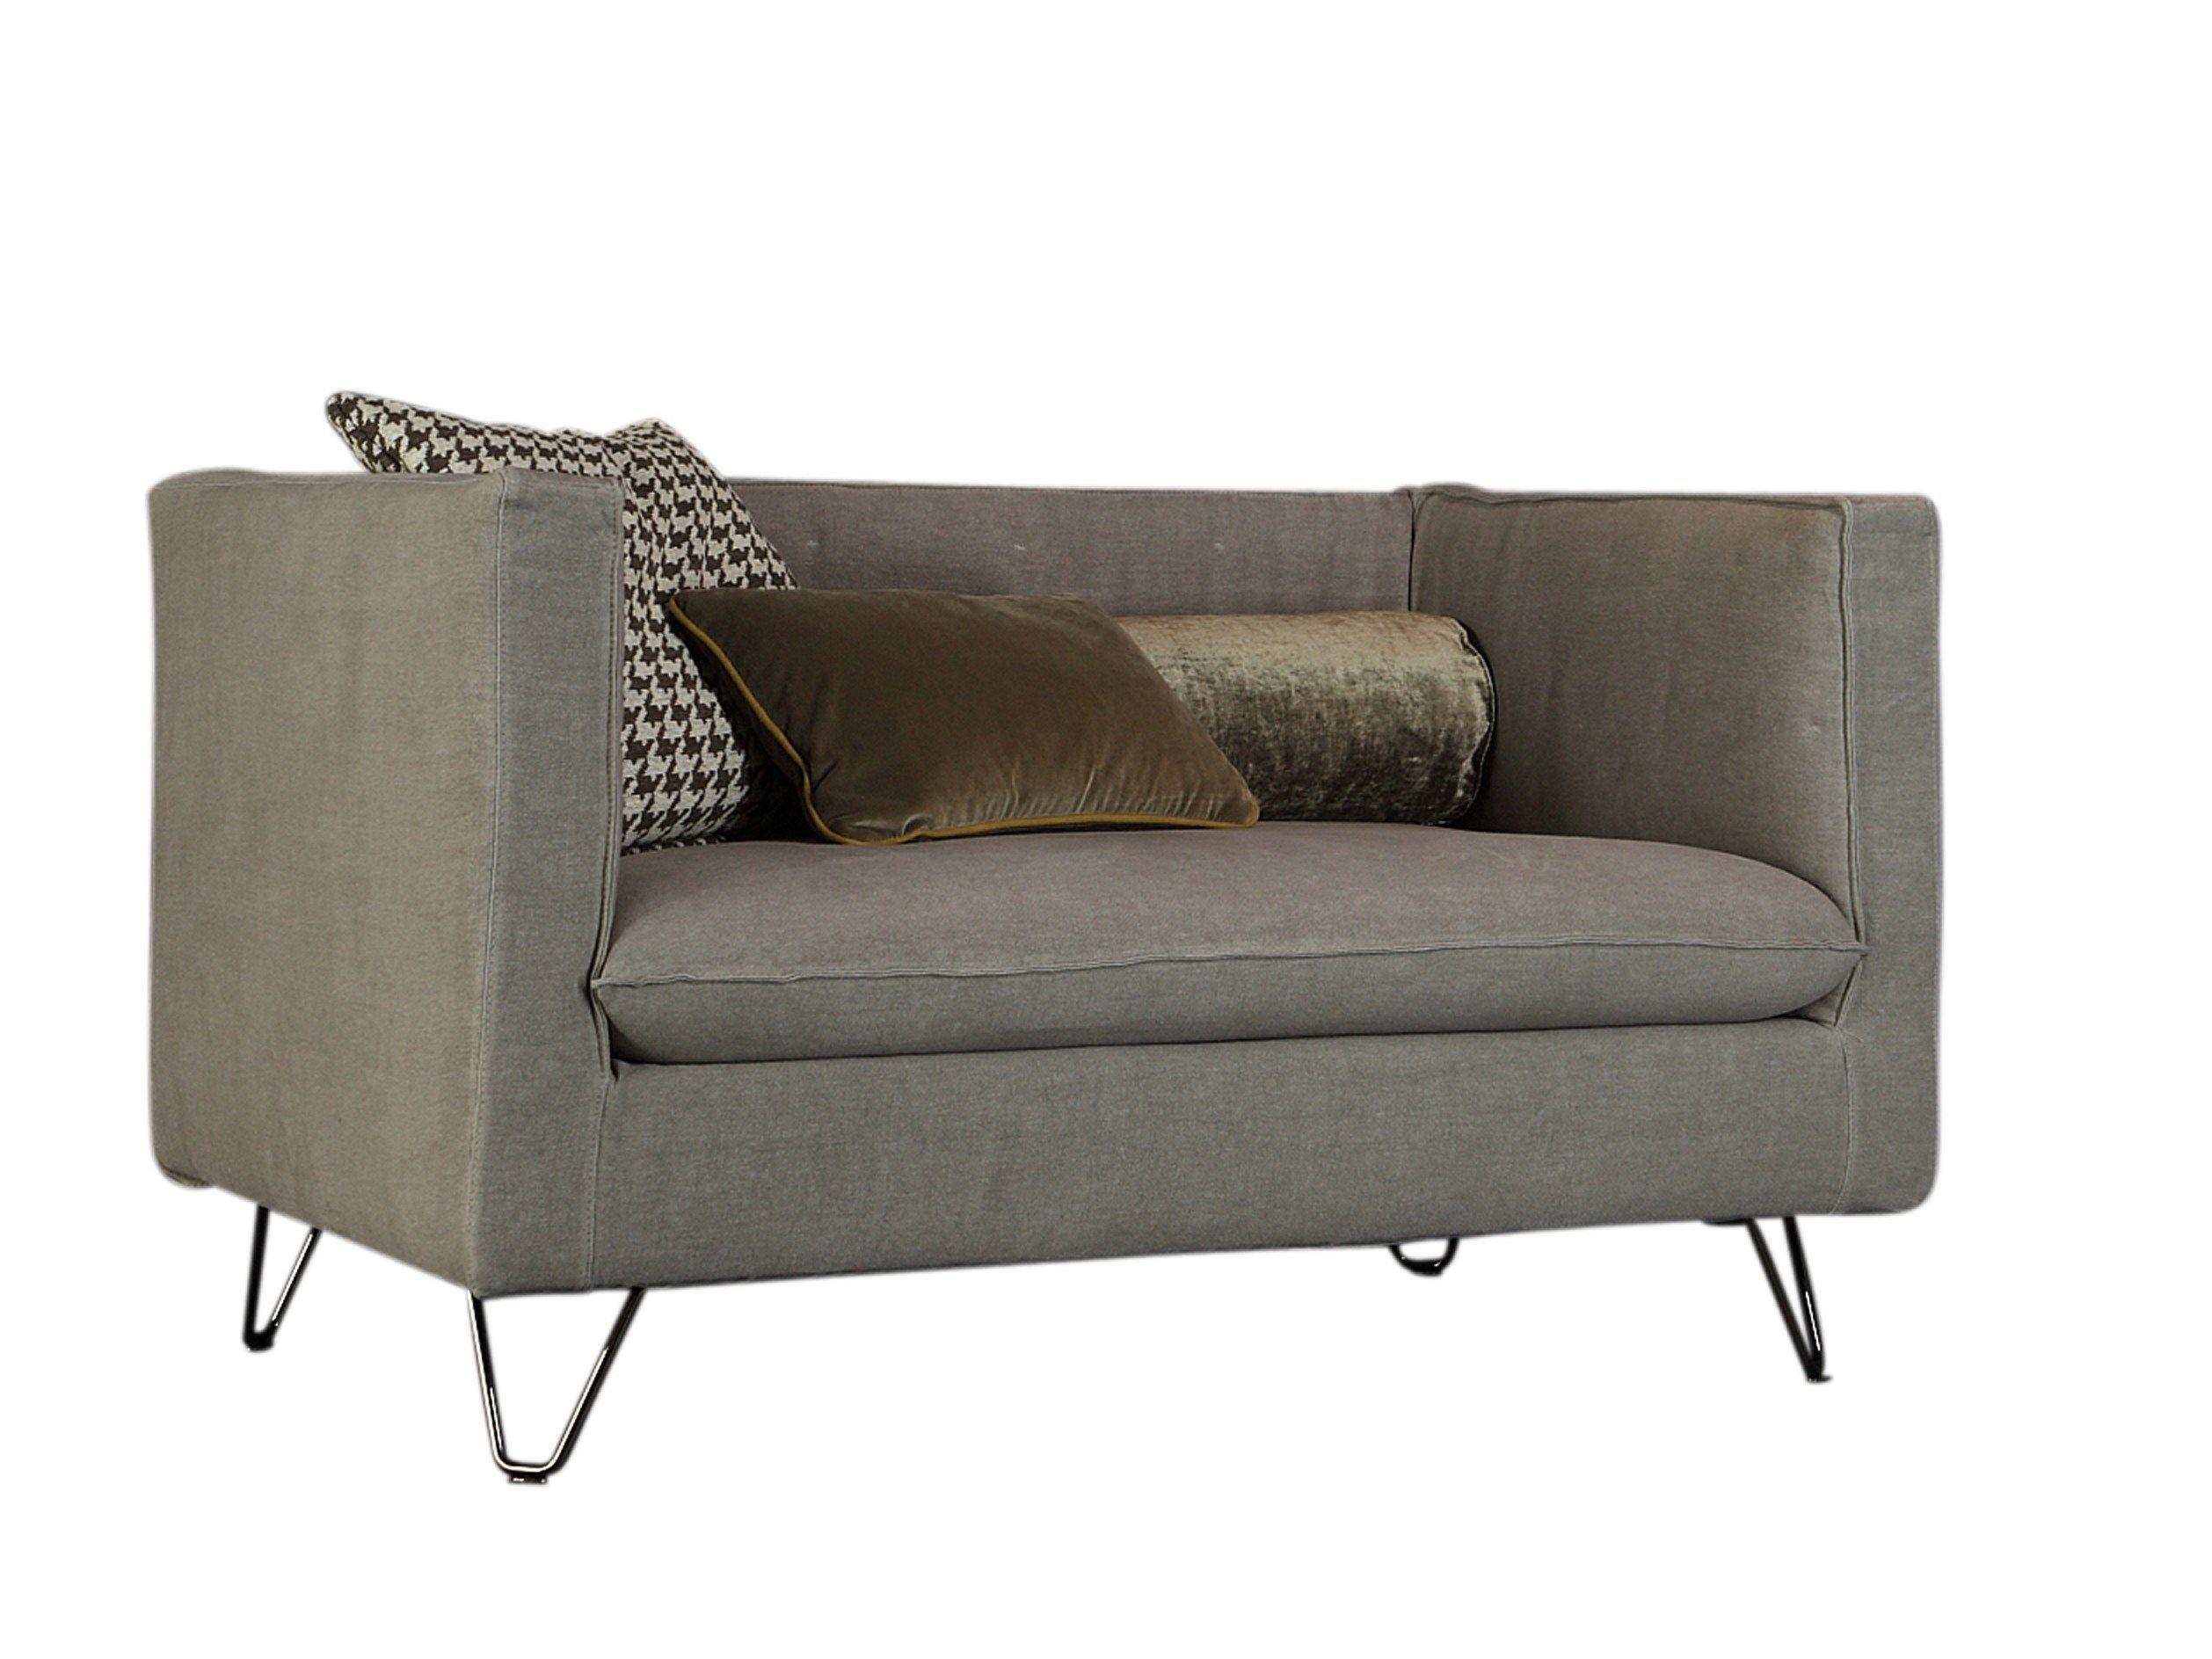 Kleines Sofa aus Stoff LOUIS XIV By Twils Design Silvia Prevedello